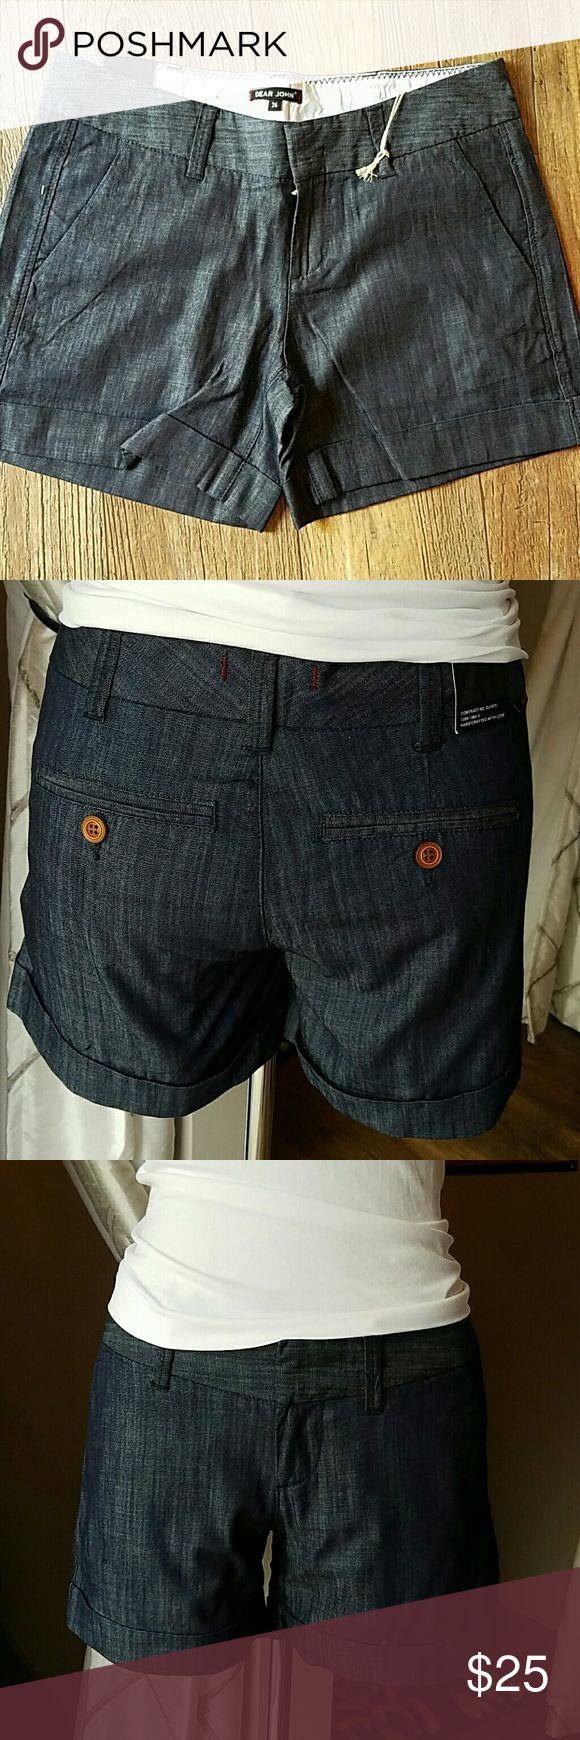 Dark denim jeans shorts Dark denim jeans shorts with cuff. Dear John Shorts Jean Shorts